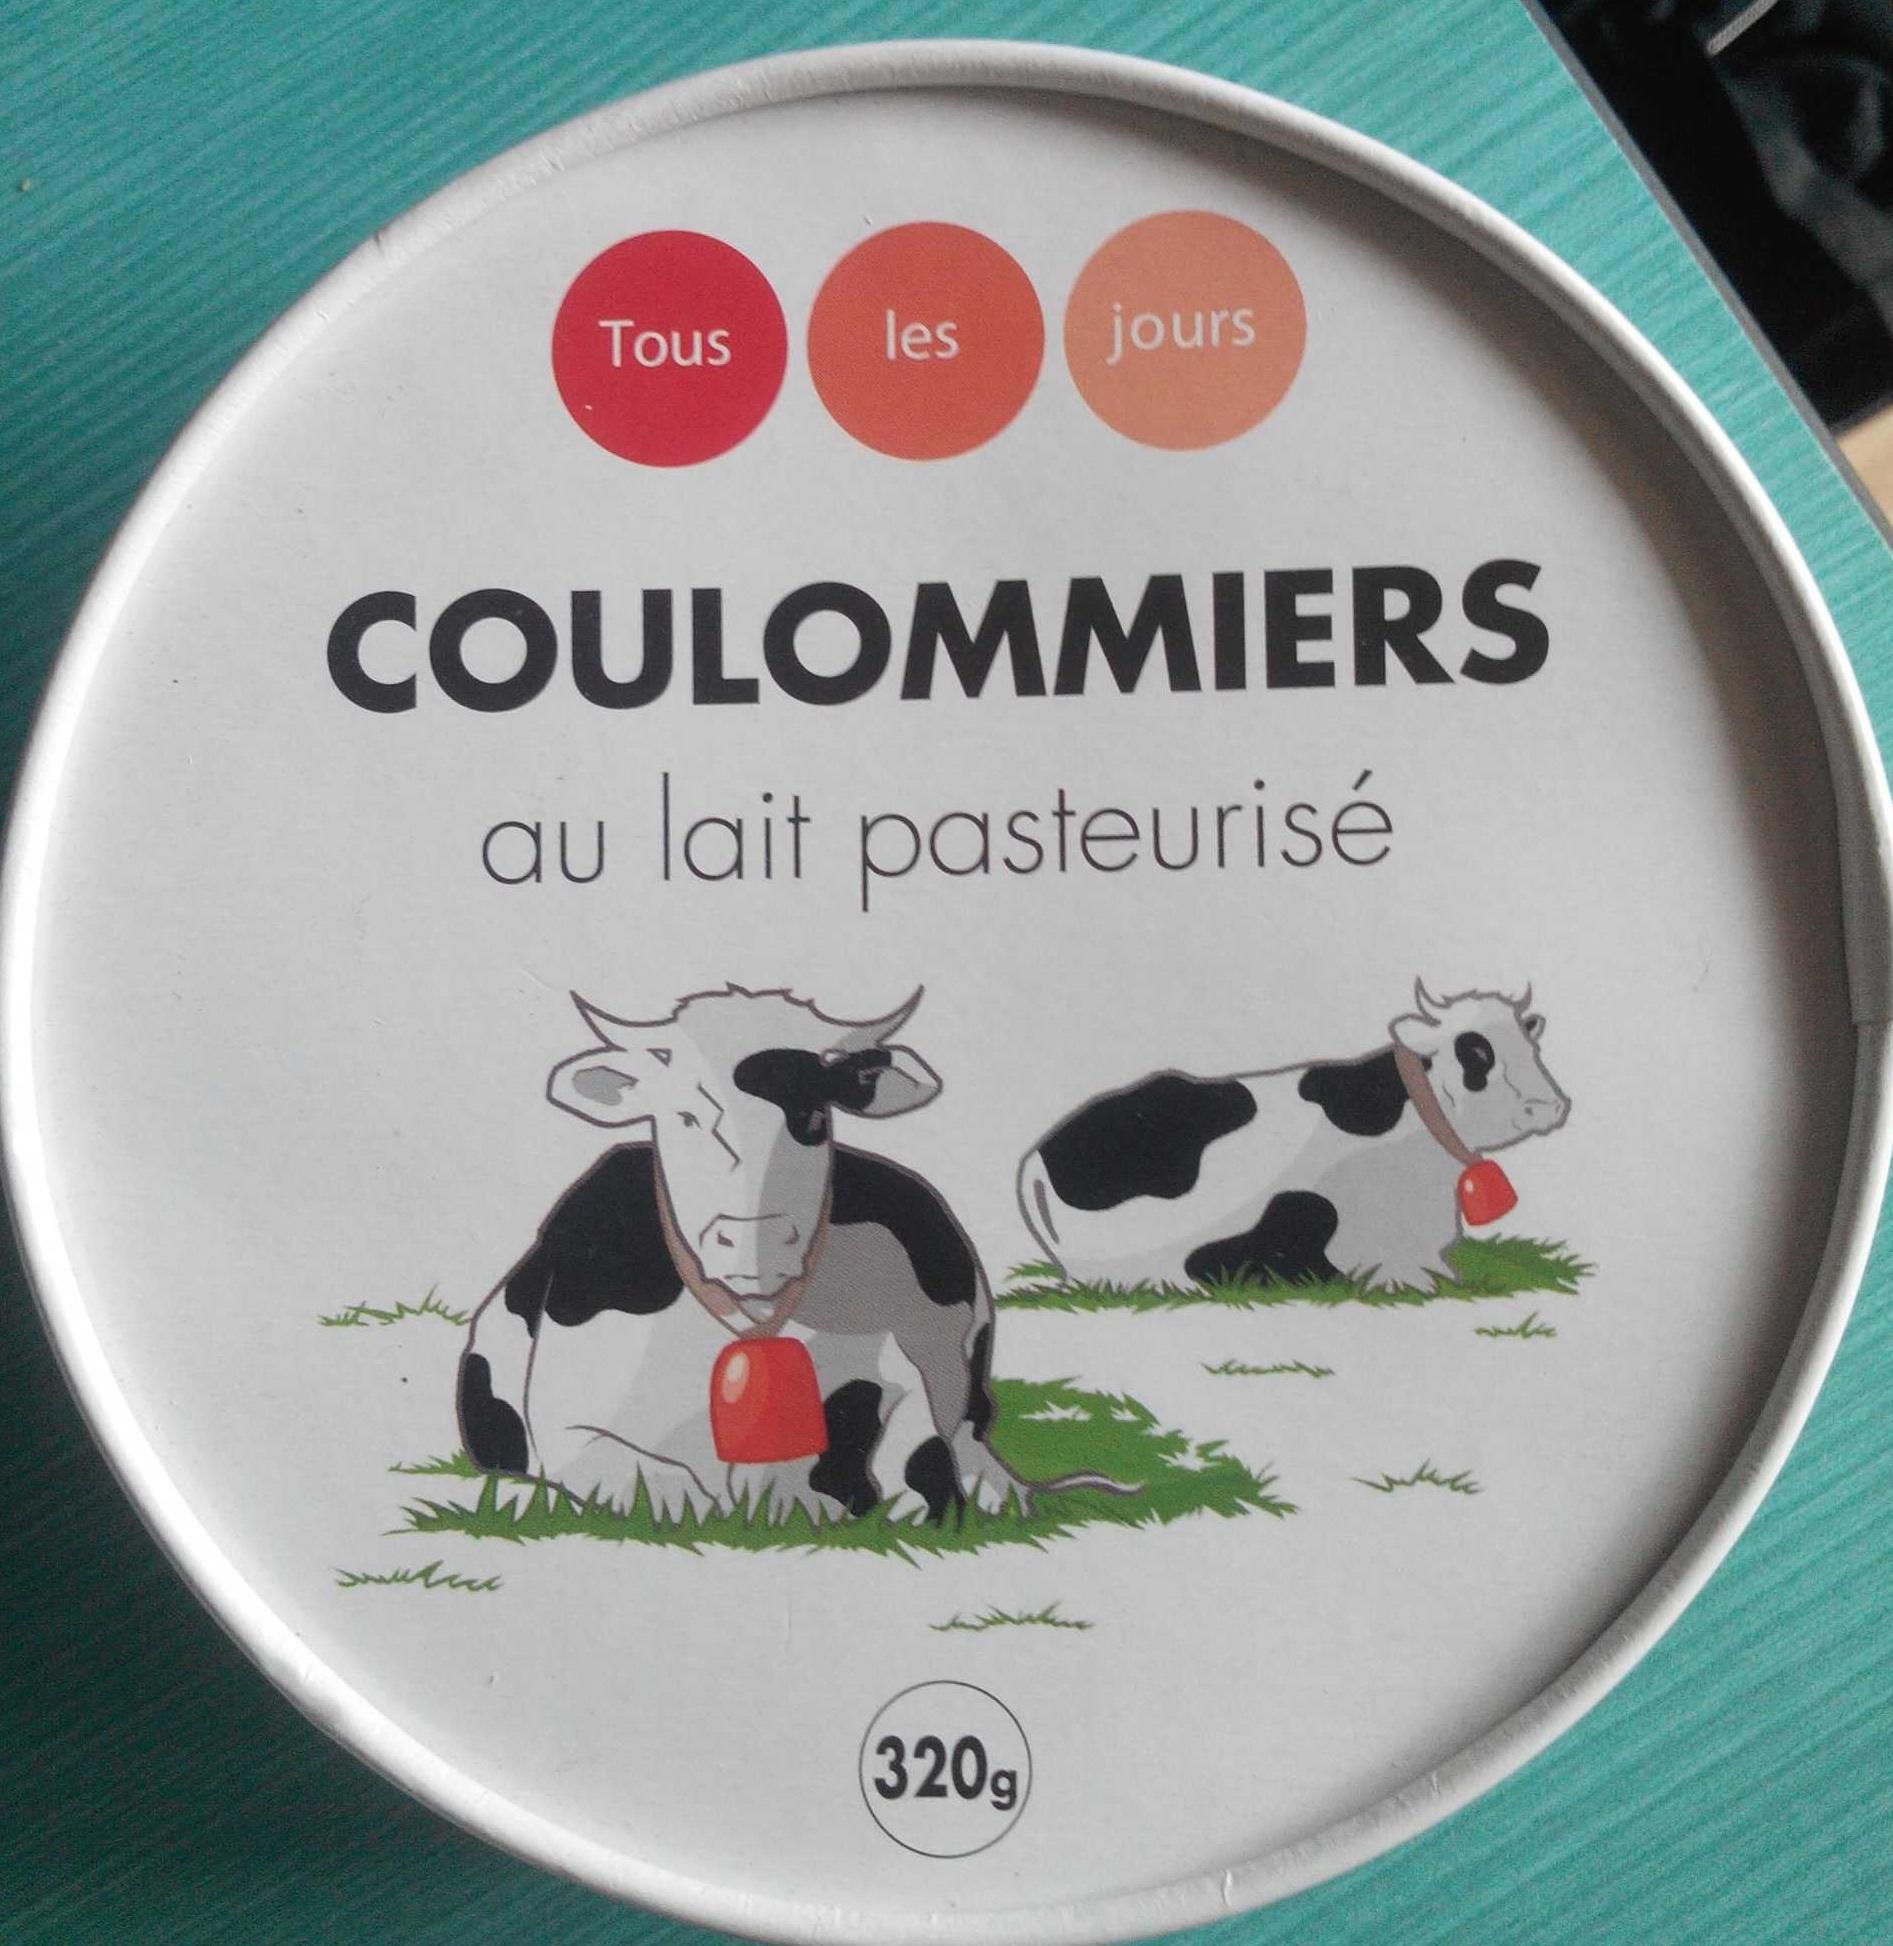 Coulommiers au lait pasteurisé - Produit - fr